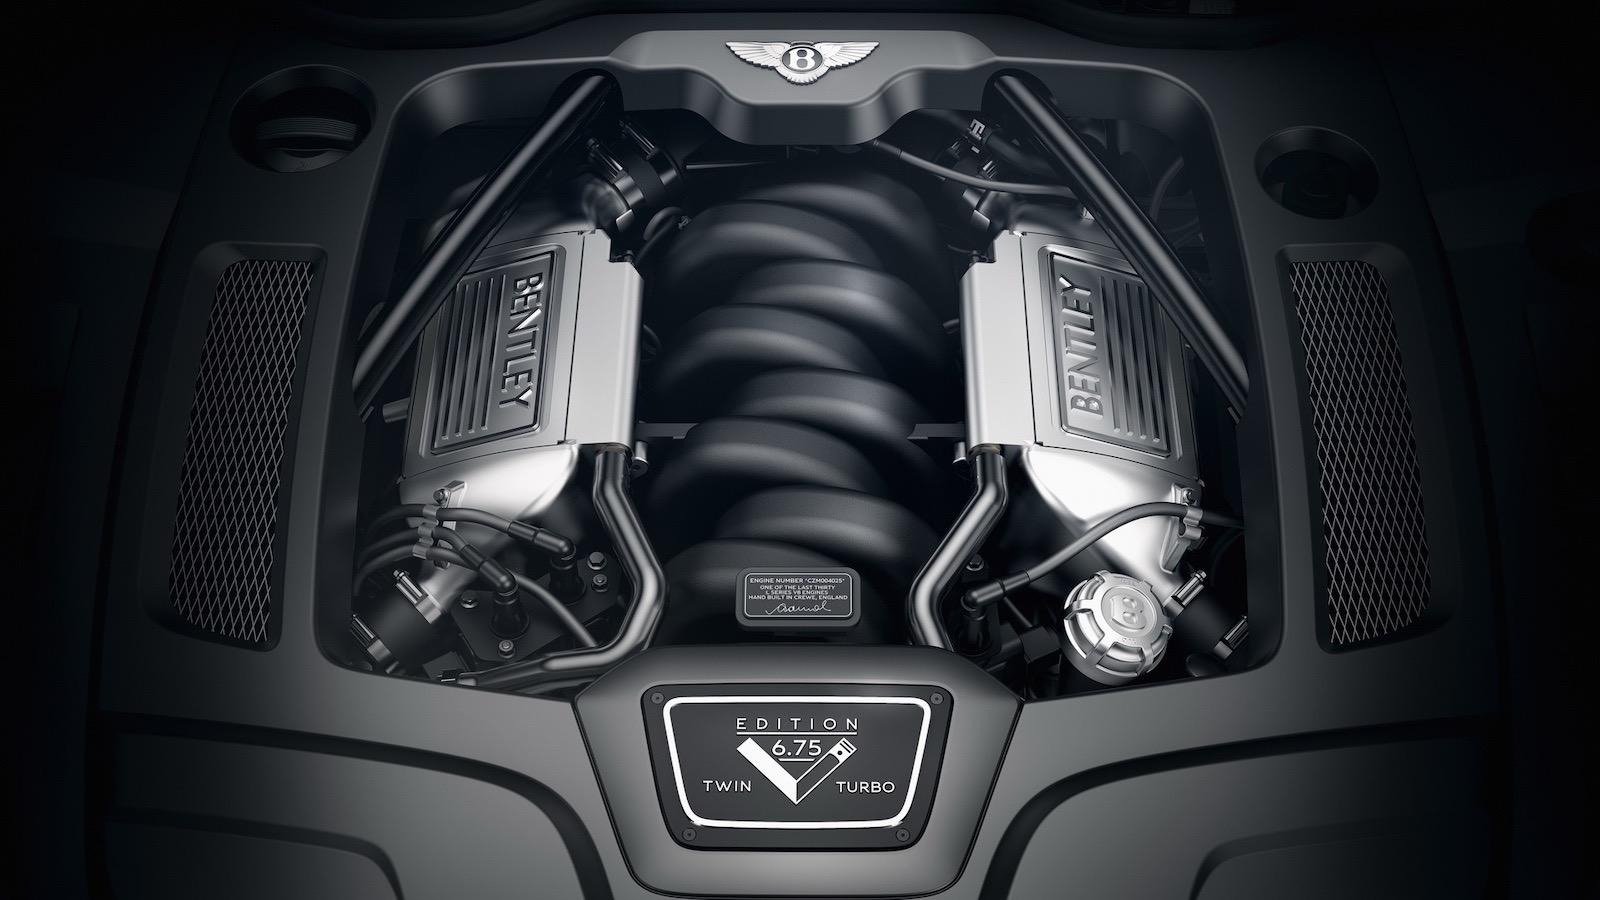 El motor V8 de 6.75 litros puede entregar 530 caballos de fuerza y 1.100 Nm de torque.